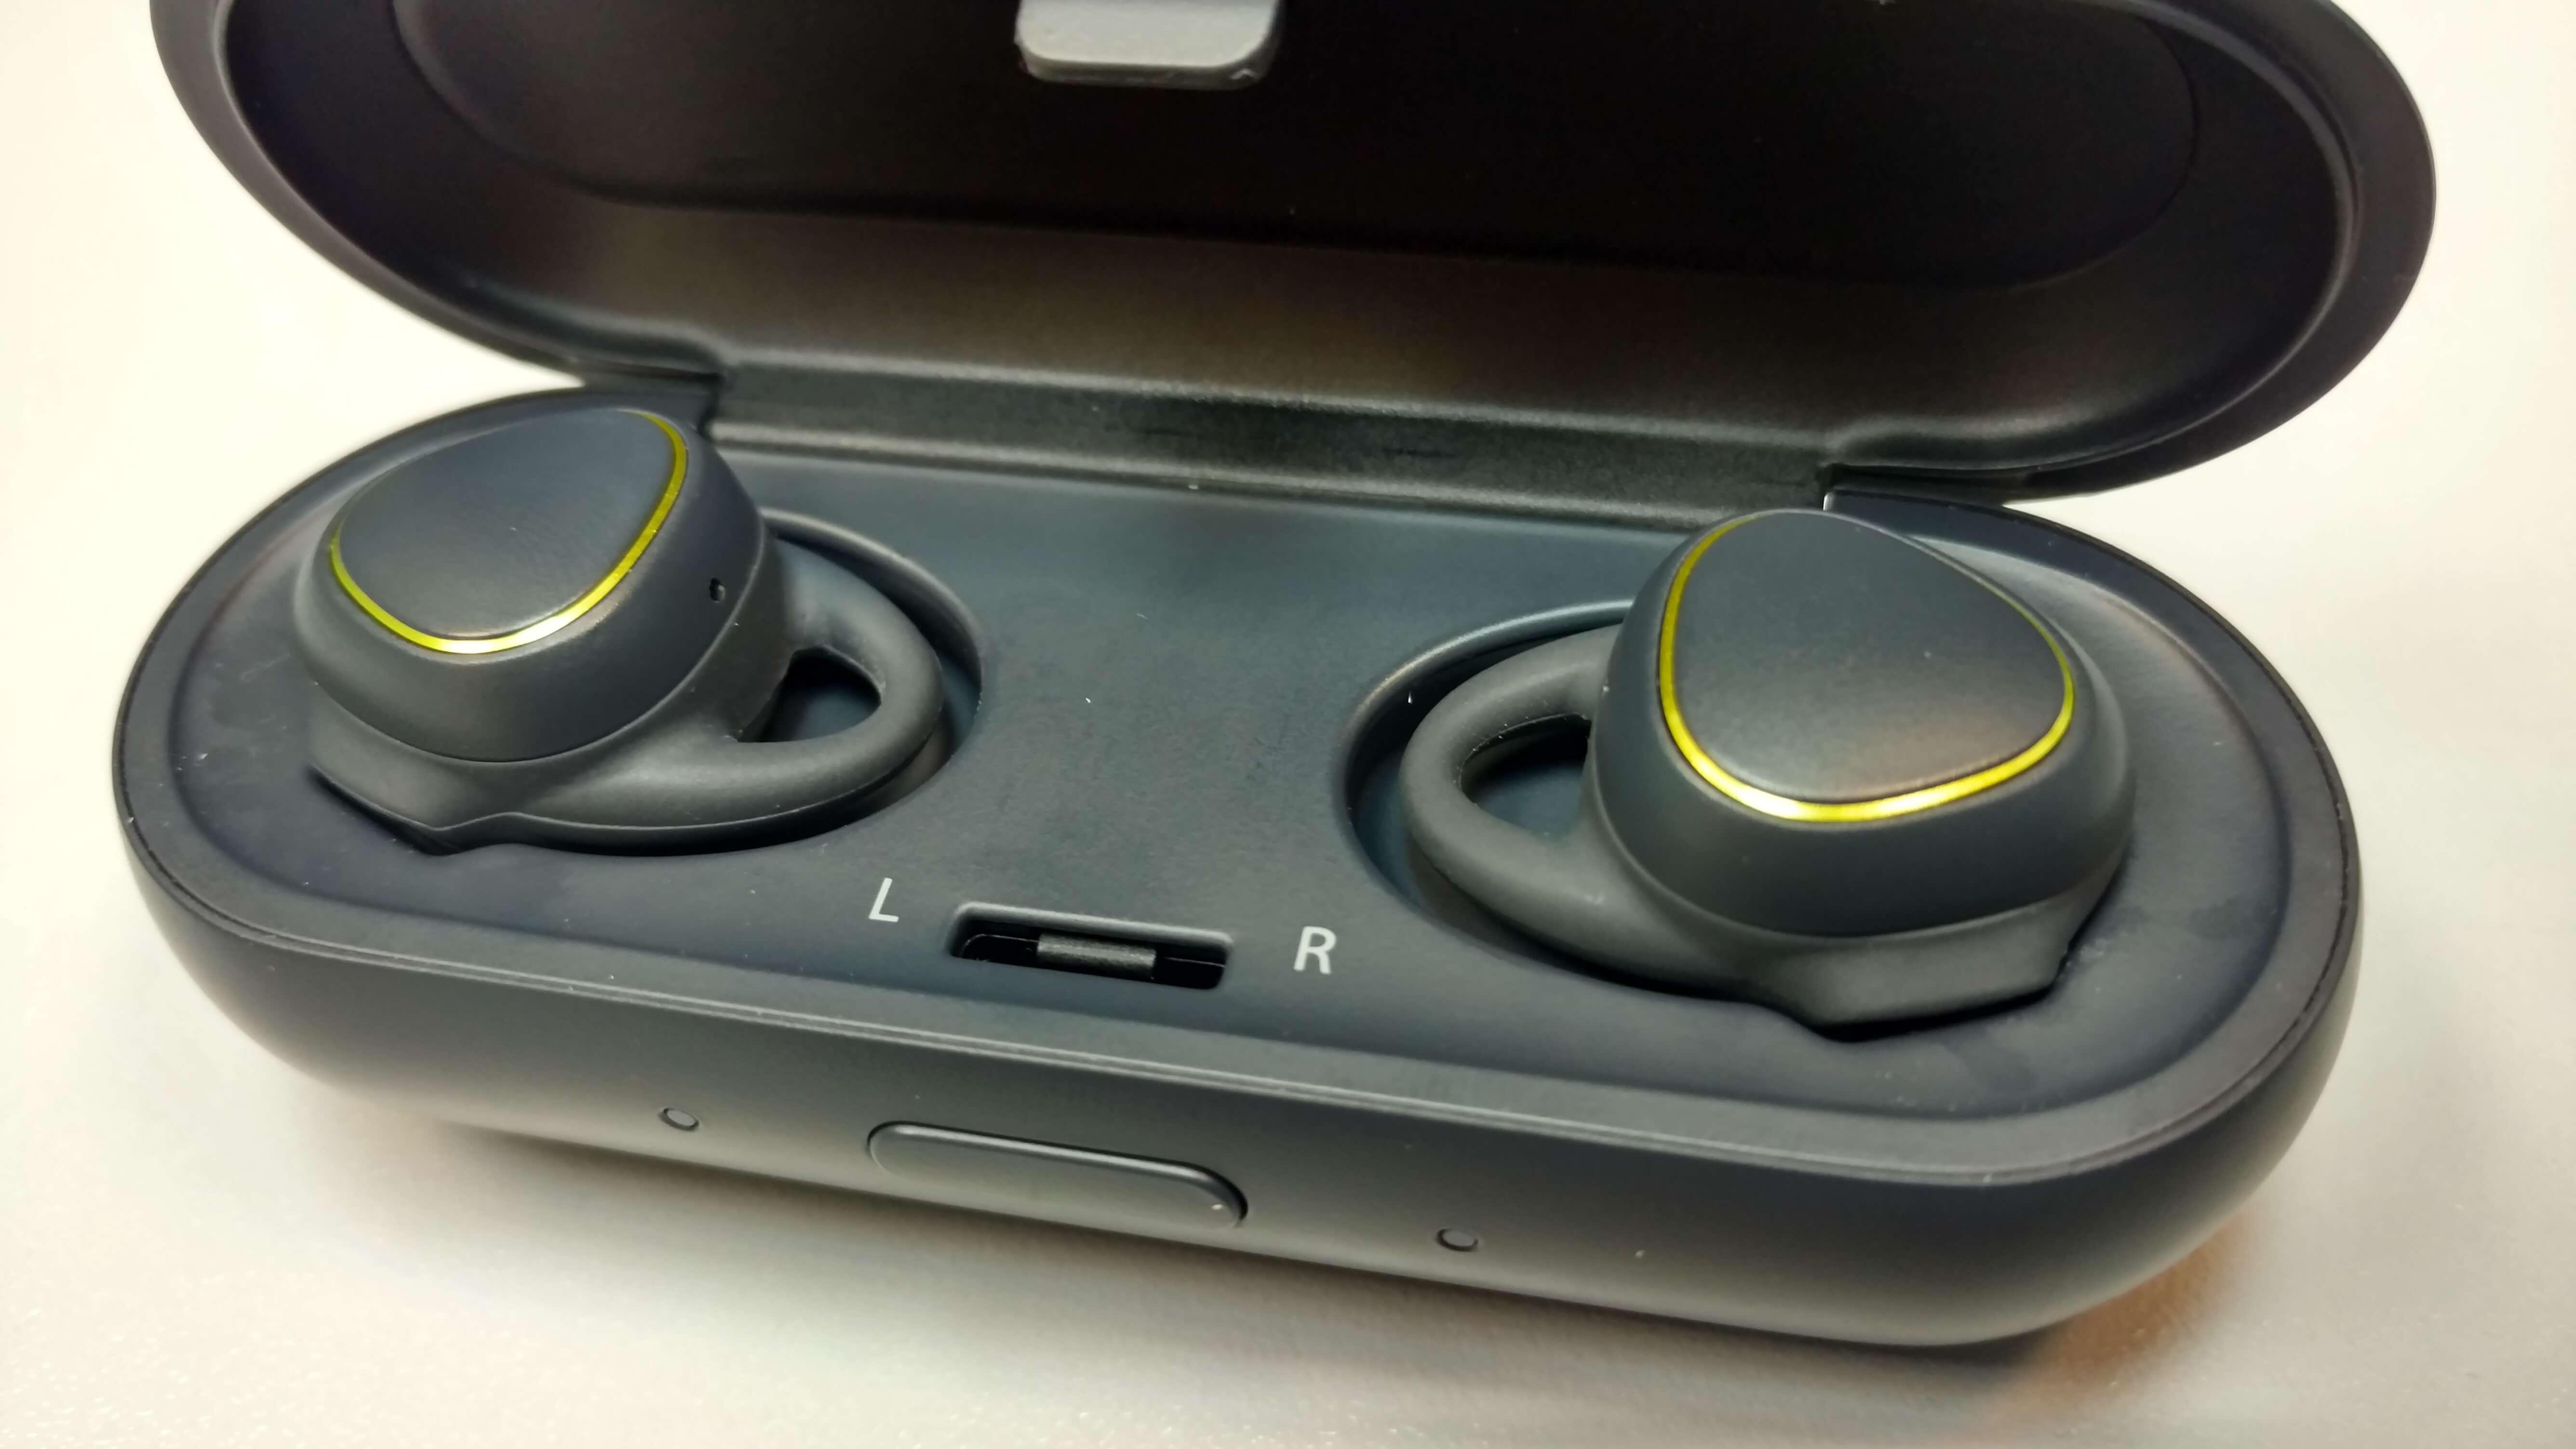 אוזניות האייקון איקס בתוך המנשא